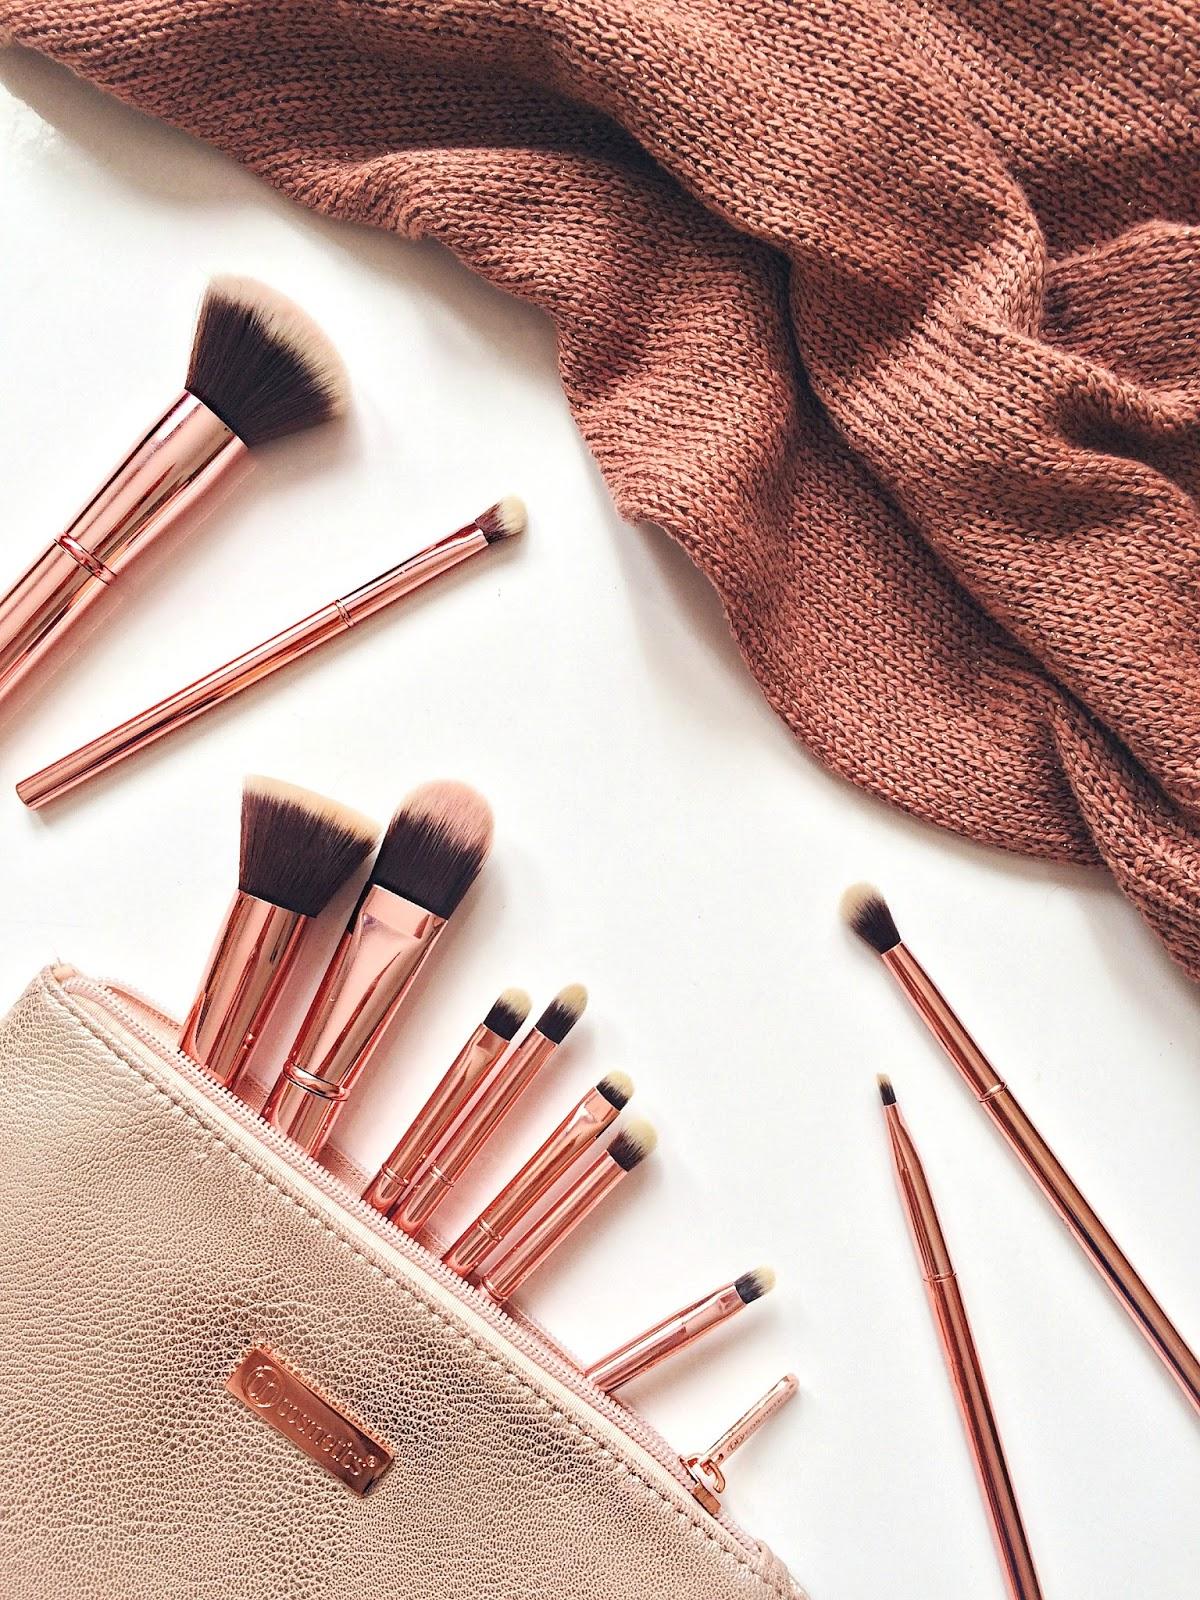 14268fe1287e bh cosmetics brush rose metal set zoeva rose gold palette review